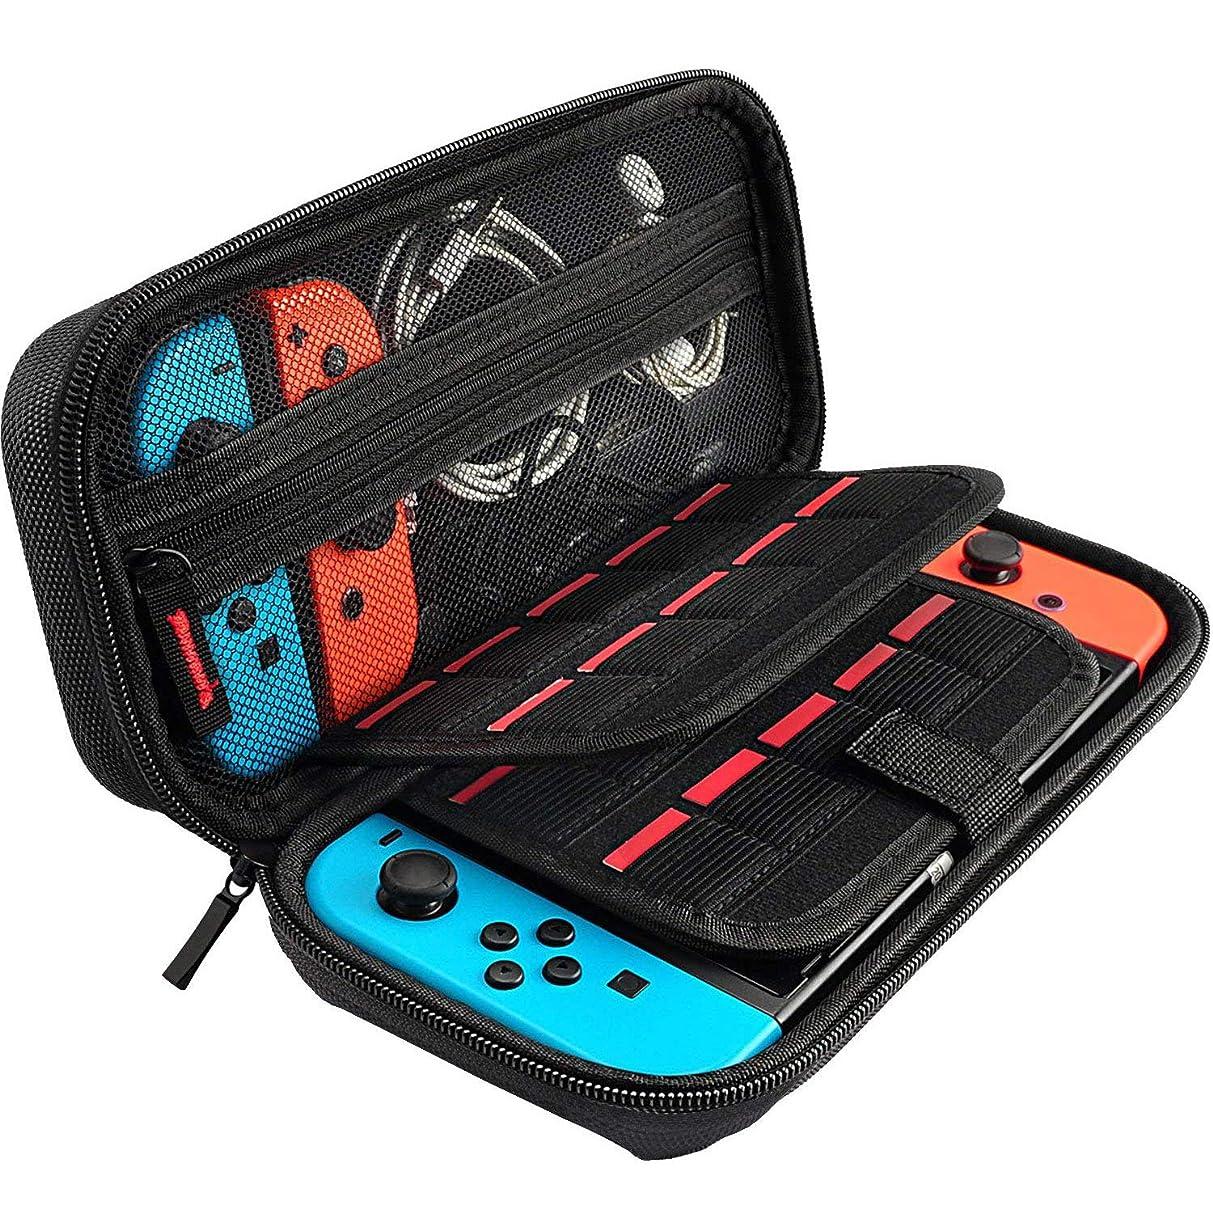 文明化する侵入するアジテーションスイッチケース 任天堂スイッチ専用の便利収納バッグ、Nintendo Switch ケース、Switch保護ガラスフィルム付き、20つのゲームカードを収納でき、スペアのJoy Con及び他の部品、柔らかいナイロンファスナー及び信頼的ハンドルデザイン、硬い殻の保護,汚染と塵を防止し、防振、衝撃に耐えます